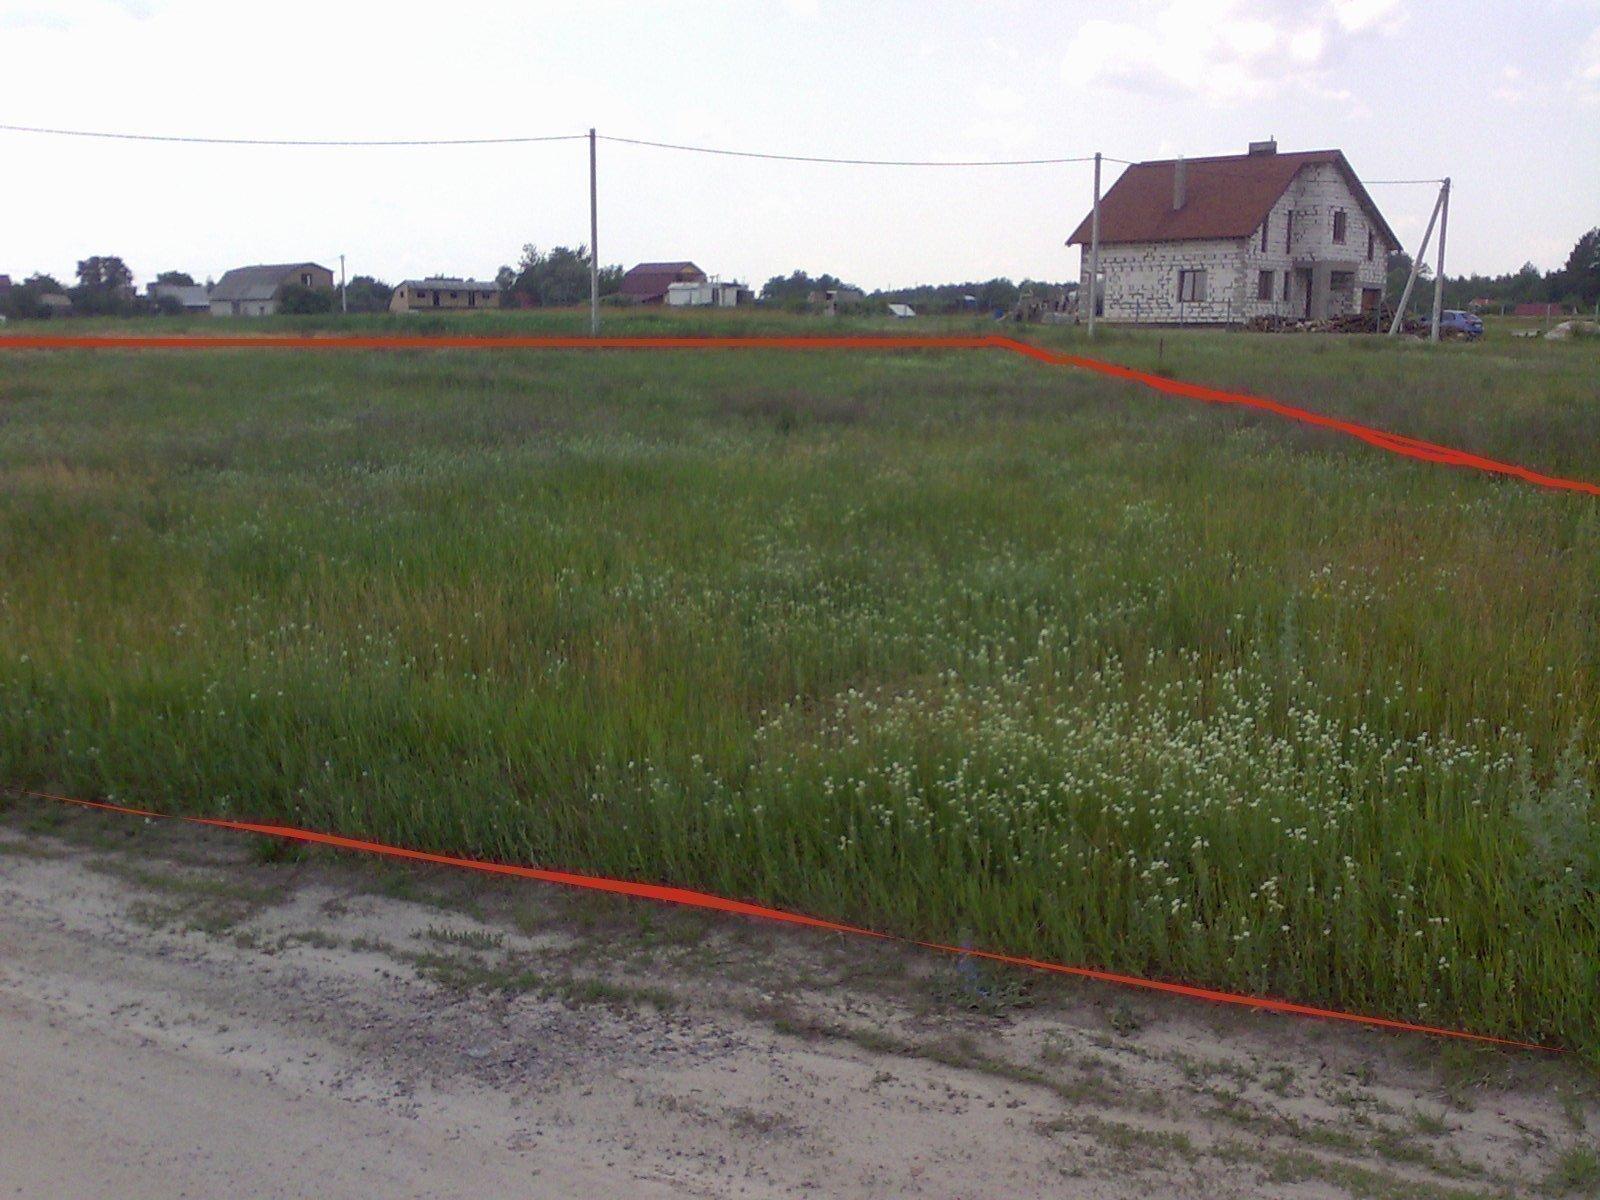 Фото: Продам земельный участок в городе Блиставица. Объявление № 3943